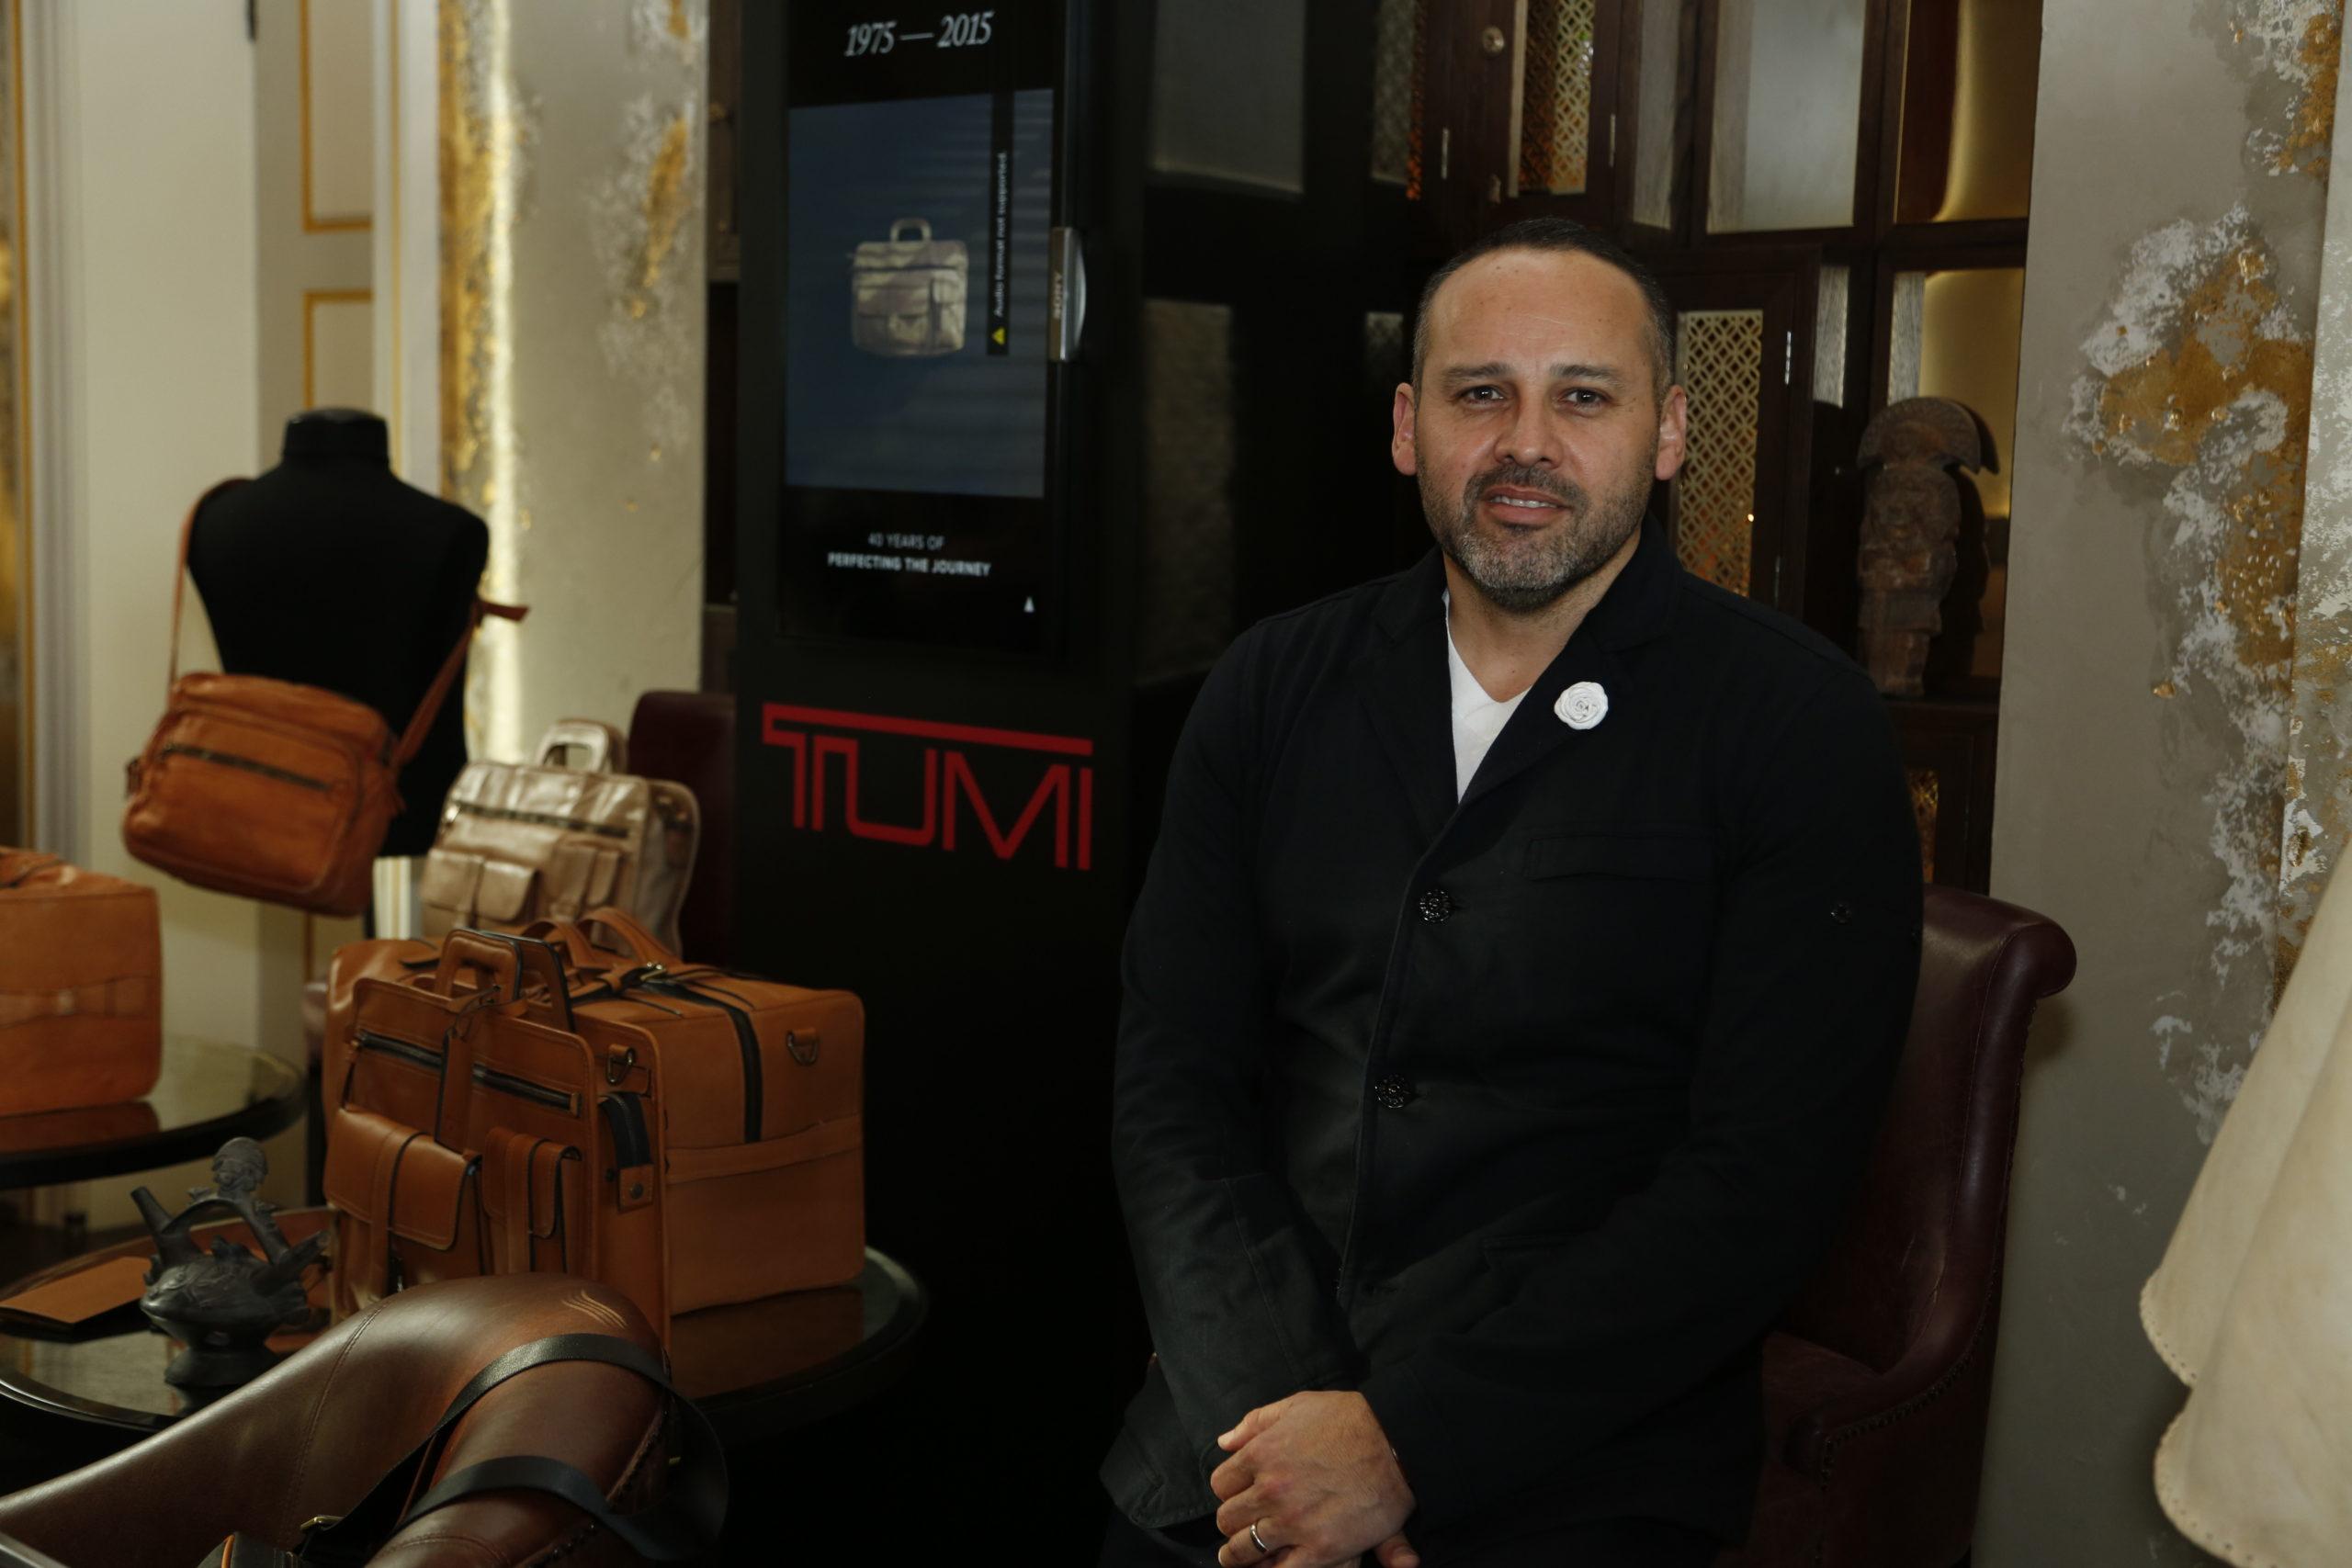 Tumi's Creative Director, Georges Esquivel